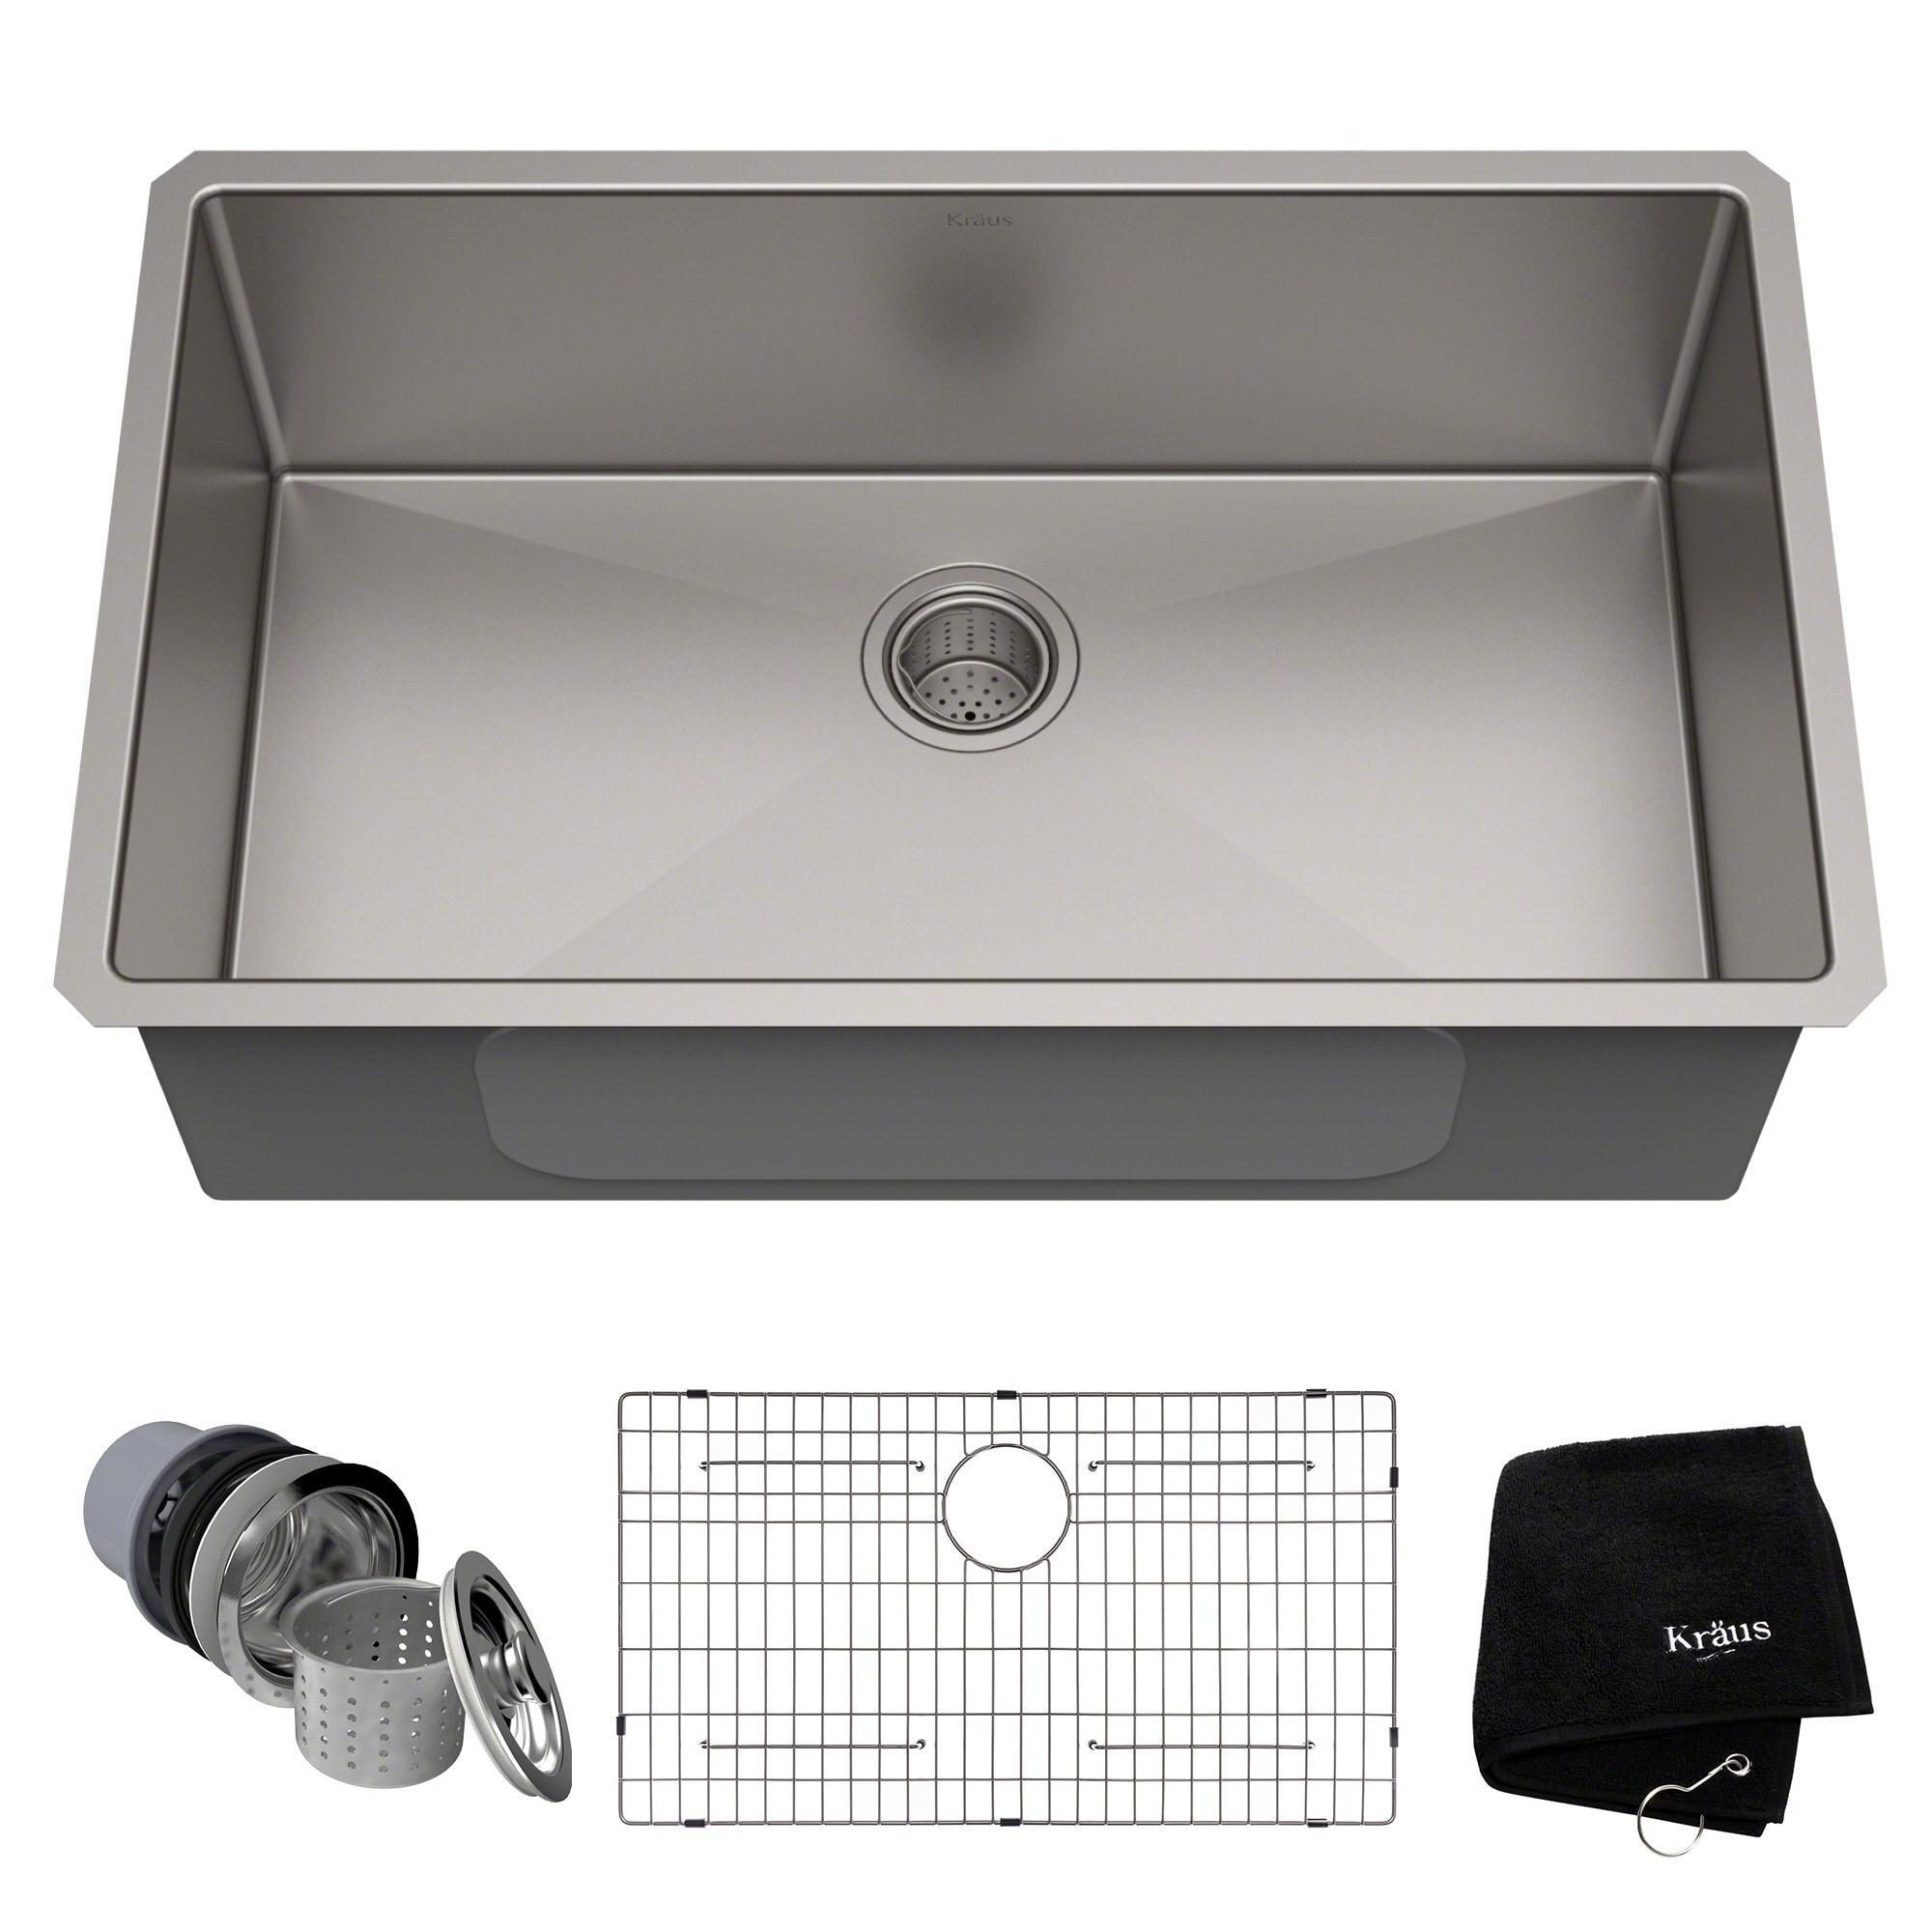 Swell Kraus Khu100 32 Undermount 32 Inch 1 Bowl Stainless Steel Kitchen Sink Download Free Architecture Designs Scobabritishbridgeorg